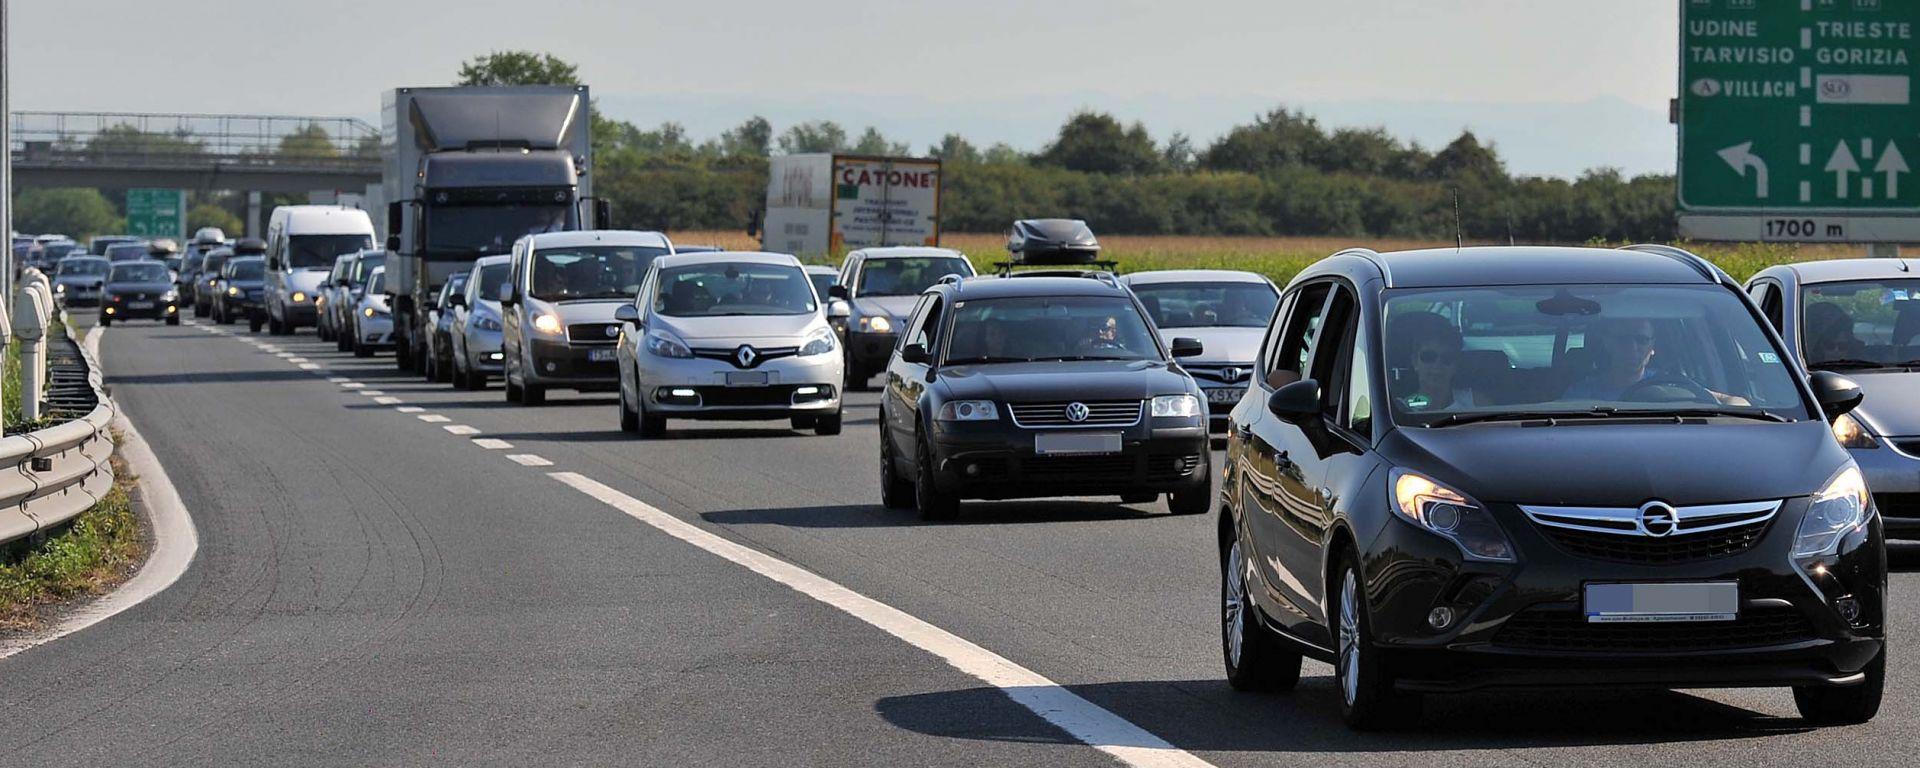 1° Maggio 2019, l'incubo del traffico da rientro